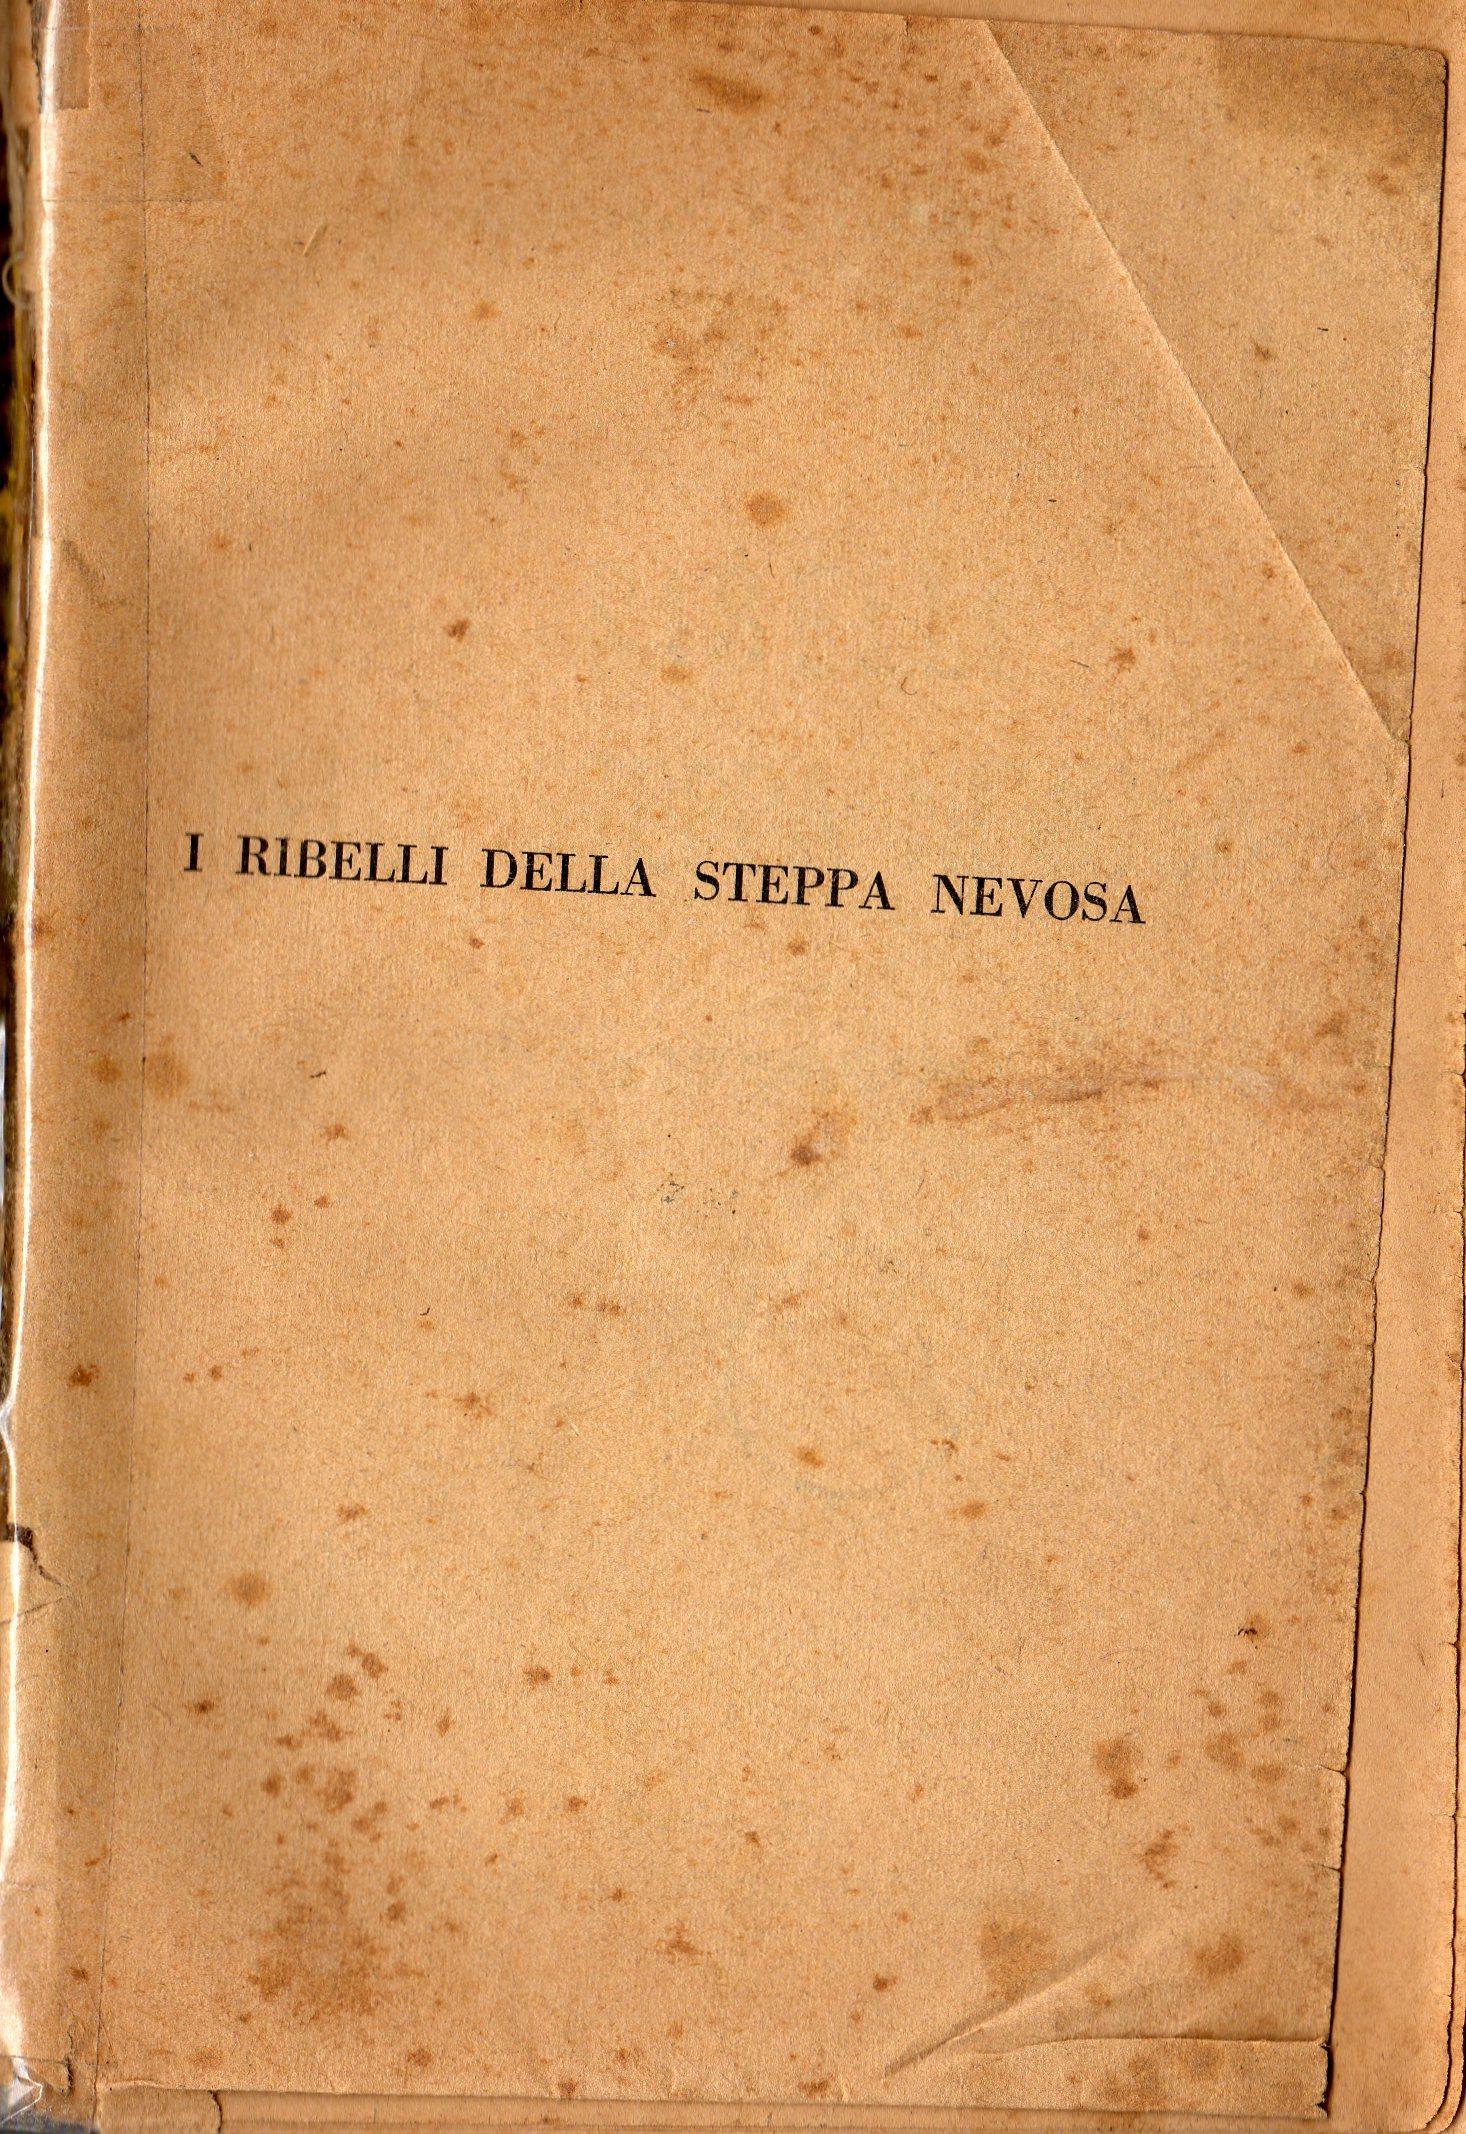 I ribelli della steppa nevosa